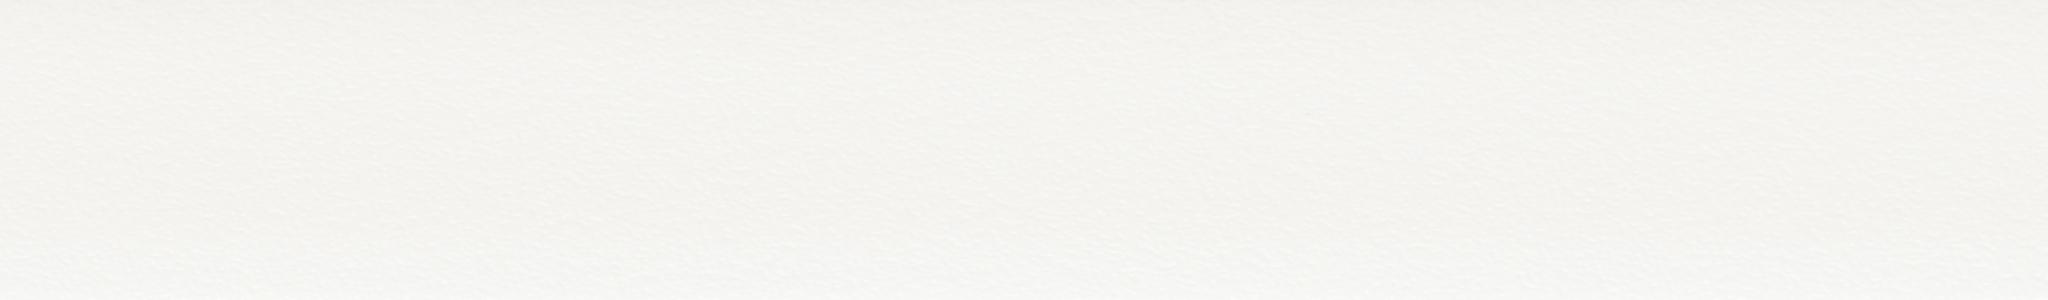 HU 17775 кромка ABS серо-белая жемчуг 101